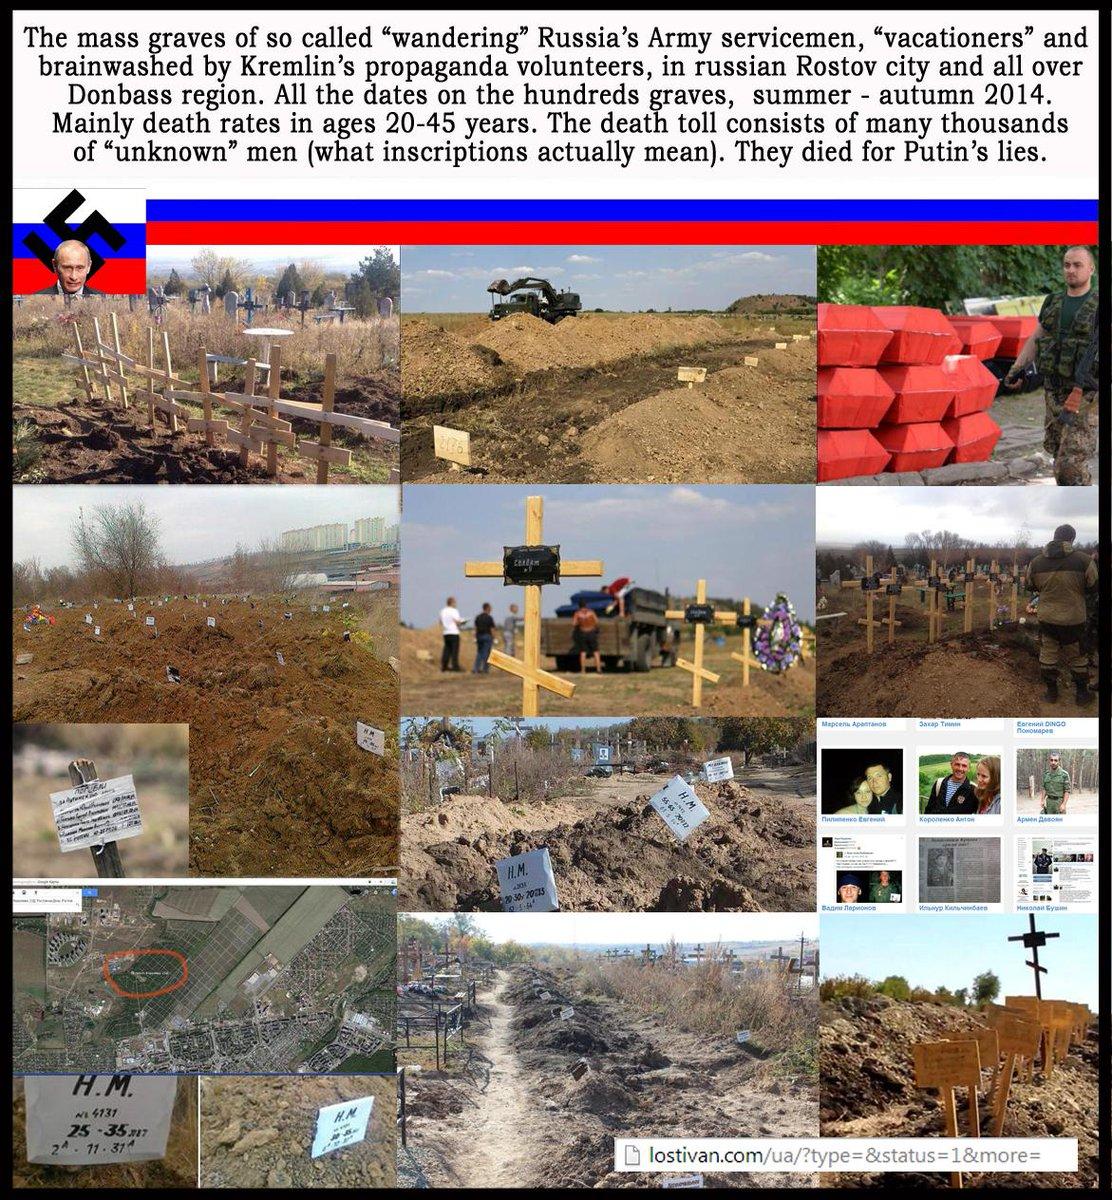 На Донбассе активизировались партизанские отряды украинцев, которые уничтожают живую силу и технику террористов, - СНБО - Цензор.НЕТ 7962